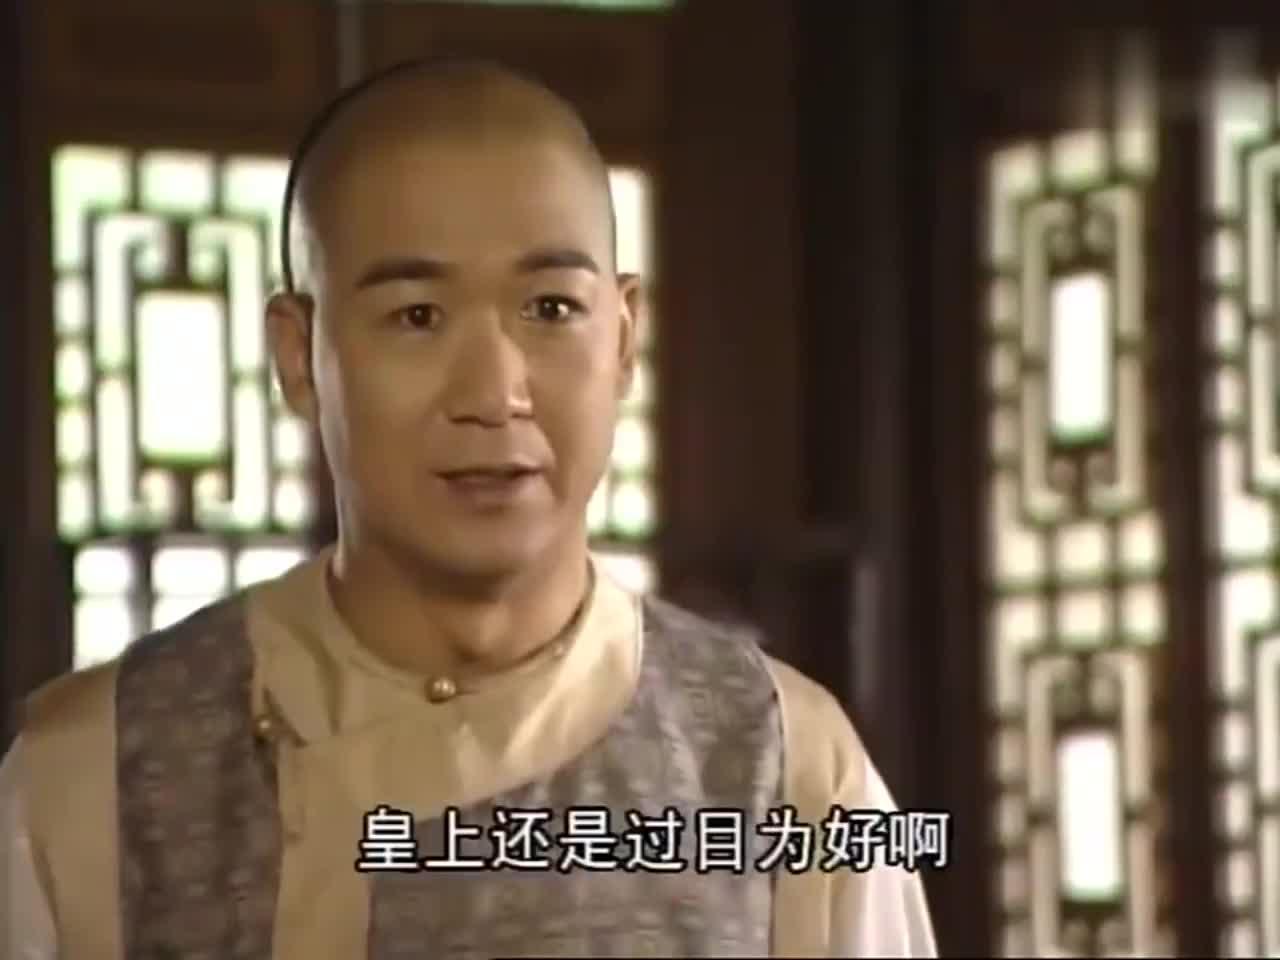 纪晓岚查抄二品贪官,皇上一看查抄的家当,觉得其中有问题